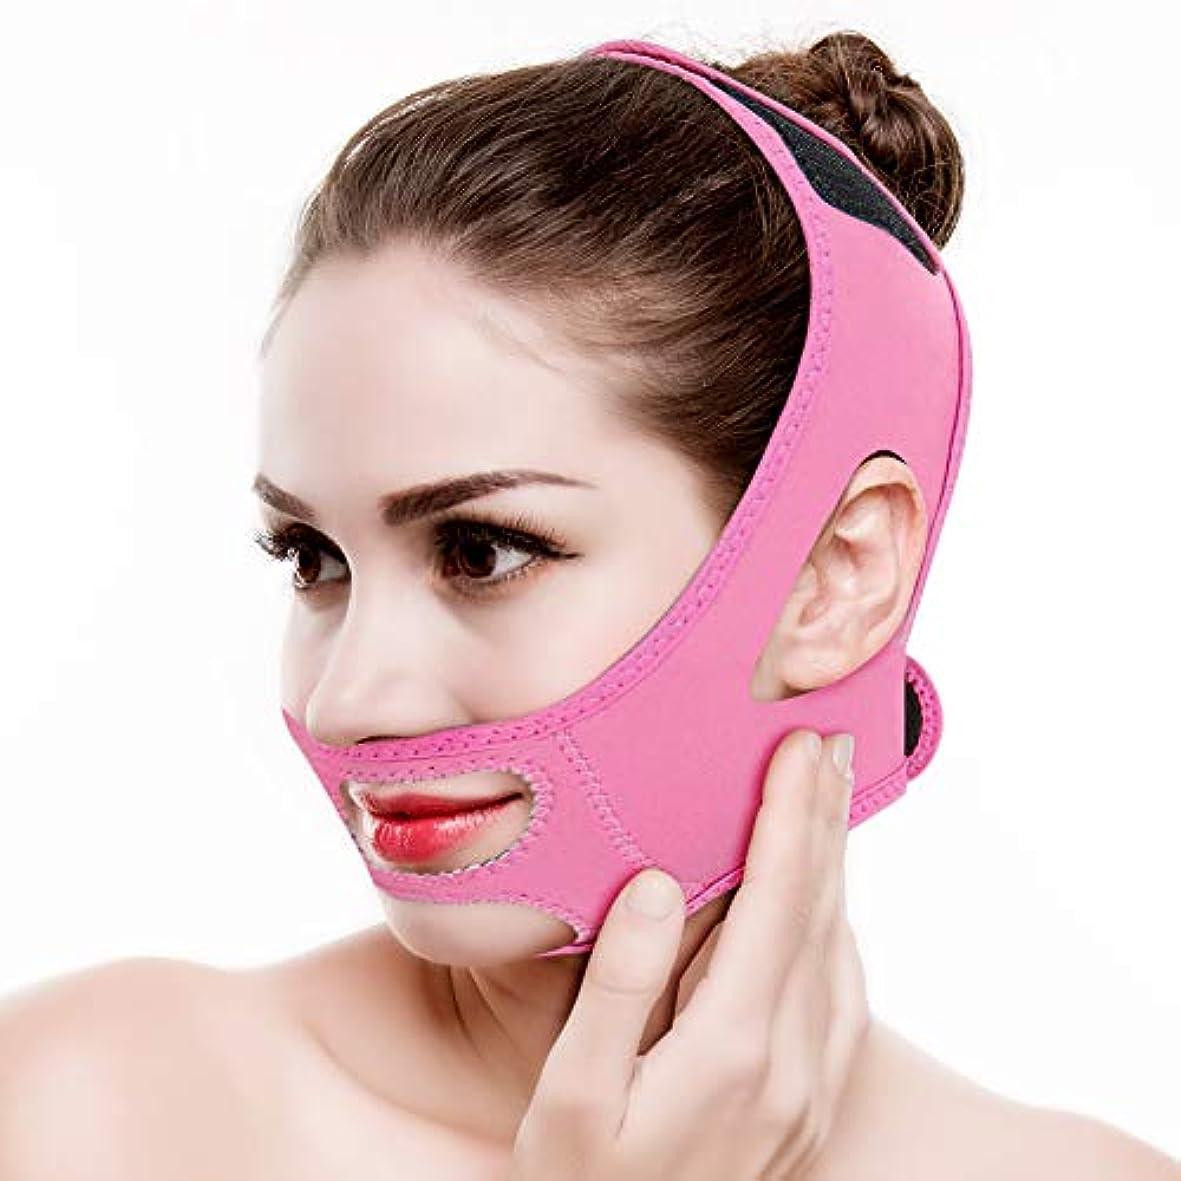 パキスタンセッティングアサーフェイスリフティングベルト,顔の痩身包帯フェイシャルスリミング包帯ベルトマスクフェイスリフトダブルチンスキンストラップフェイススリミング包帯小 顔 美顔 矯正、顎リフト フェイススリミングマスク (Pink)